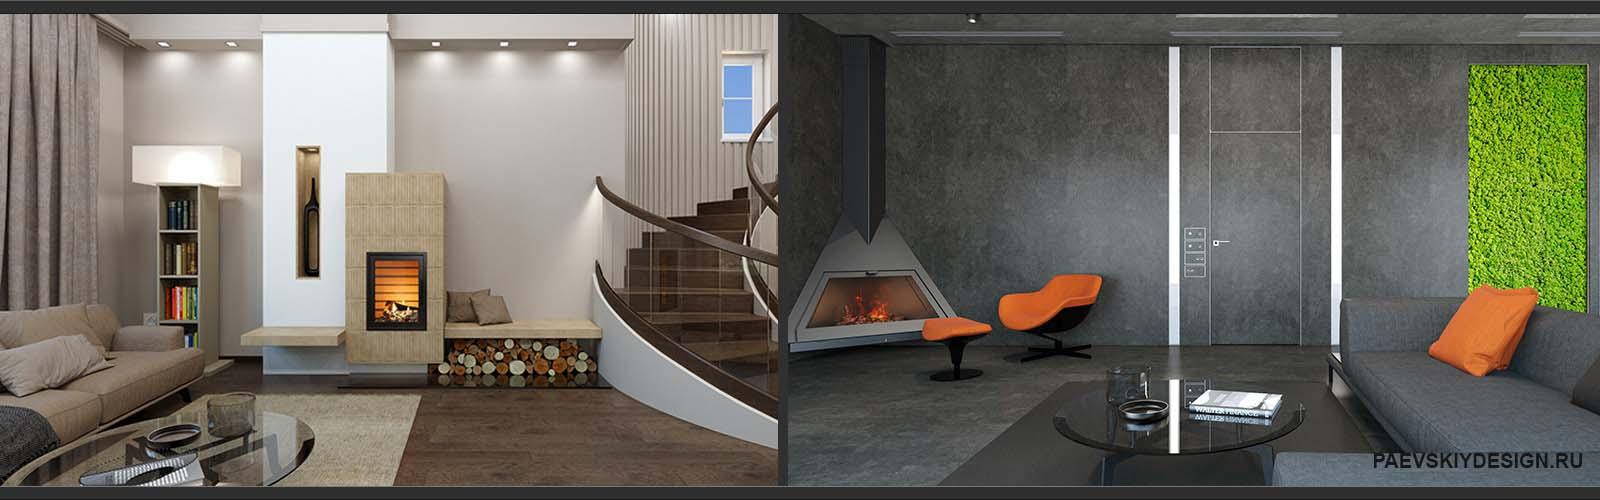 Дизайн интерьера загородного дома в Москве и области